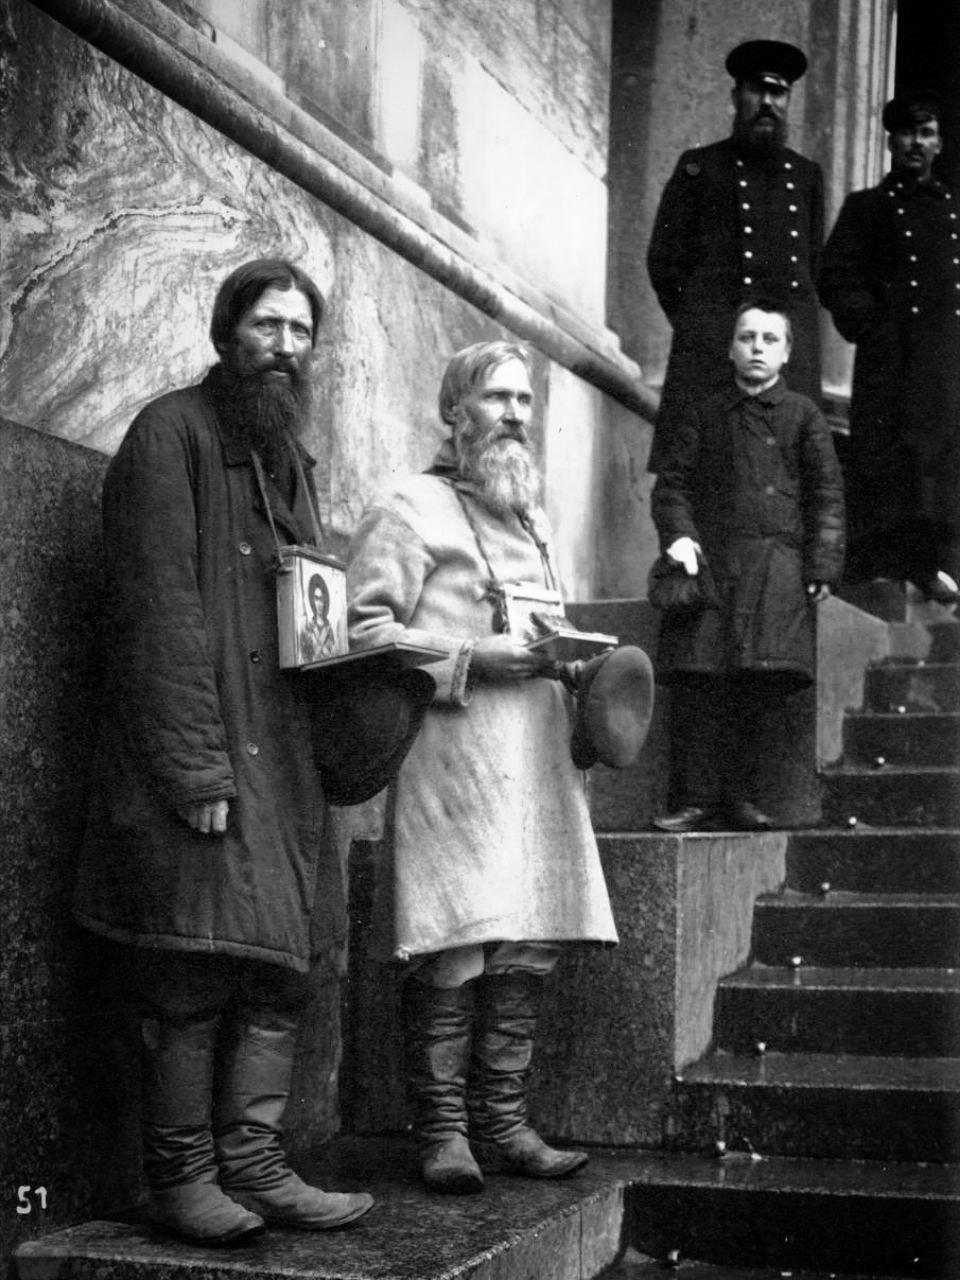 ХрустЪ: Нищие у Казанского собора, Санкт-Петербург, 1910 год.